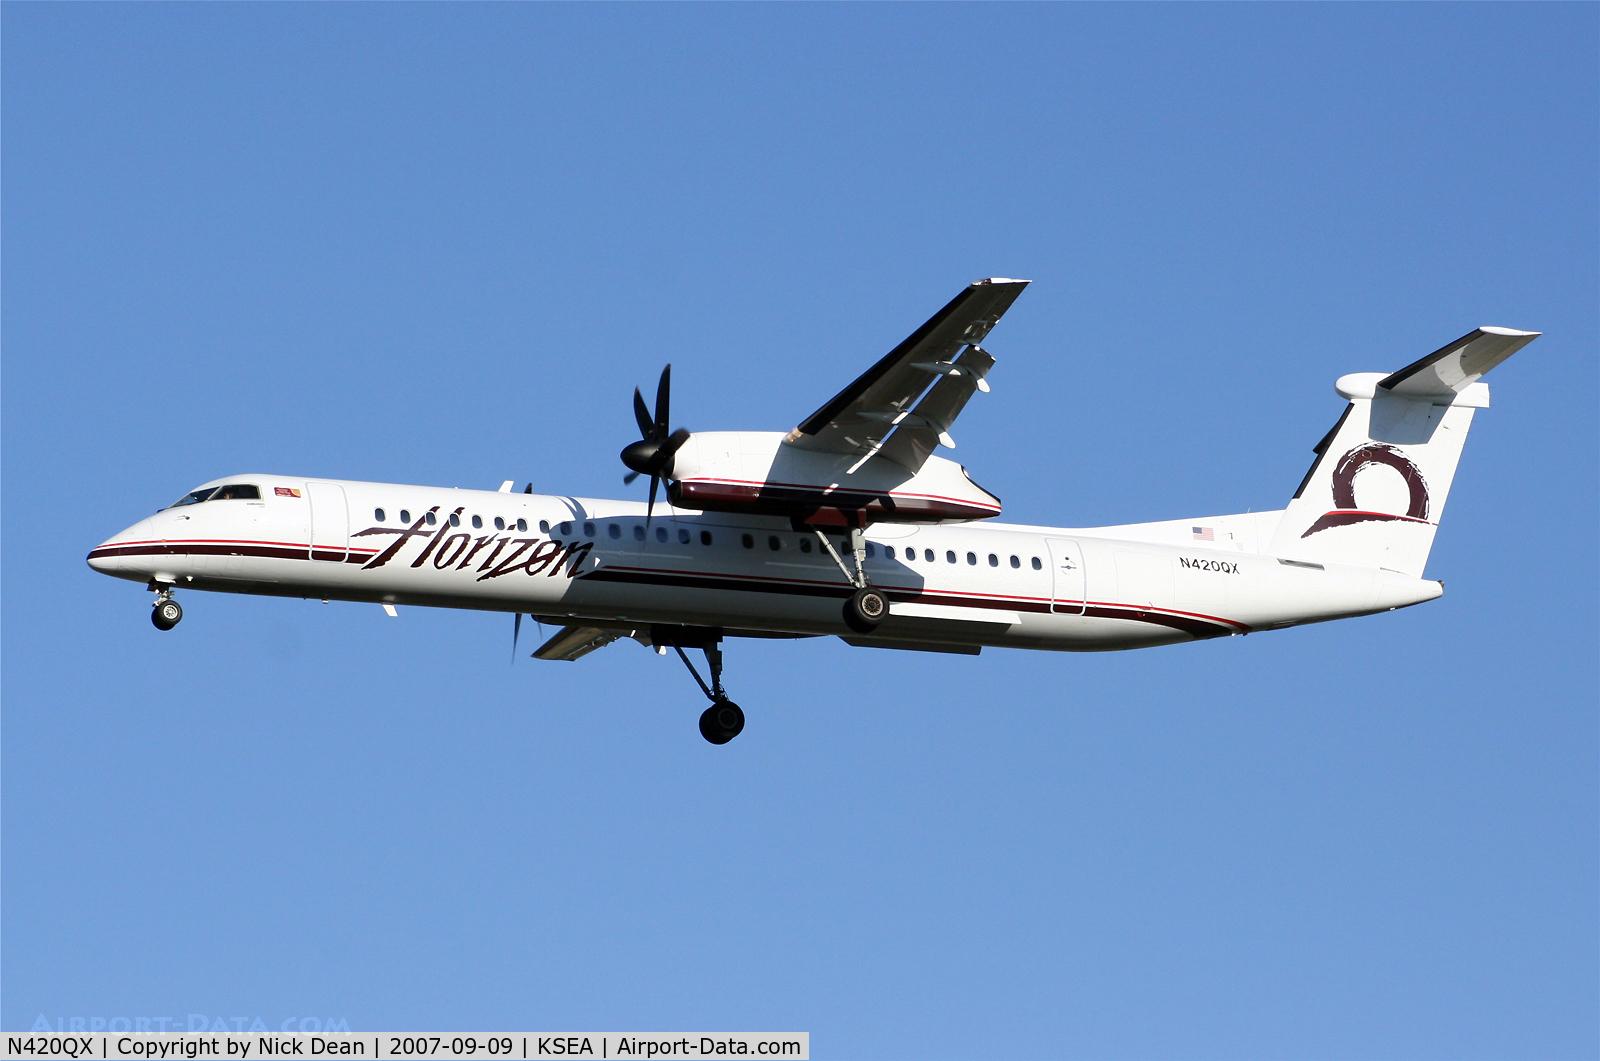 N420QX, 2007 Bombardier DHC-8-402 Dash 8 C/N 4147, .